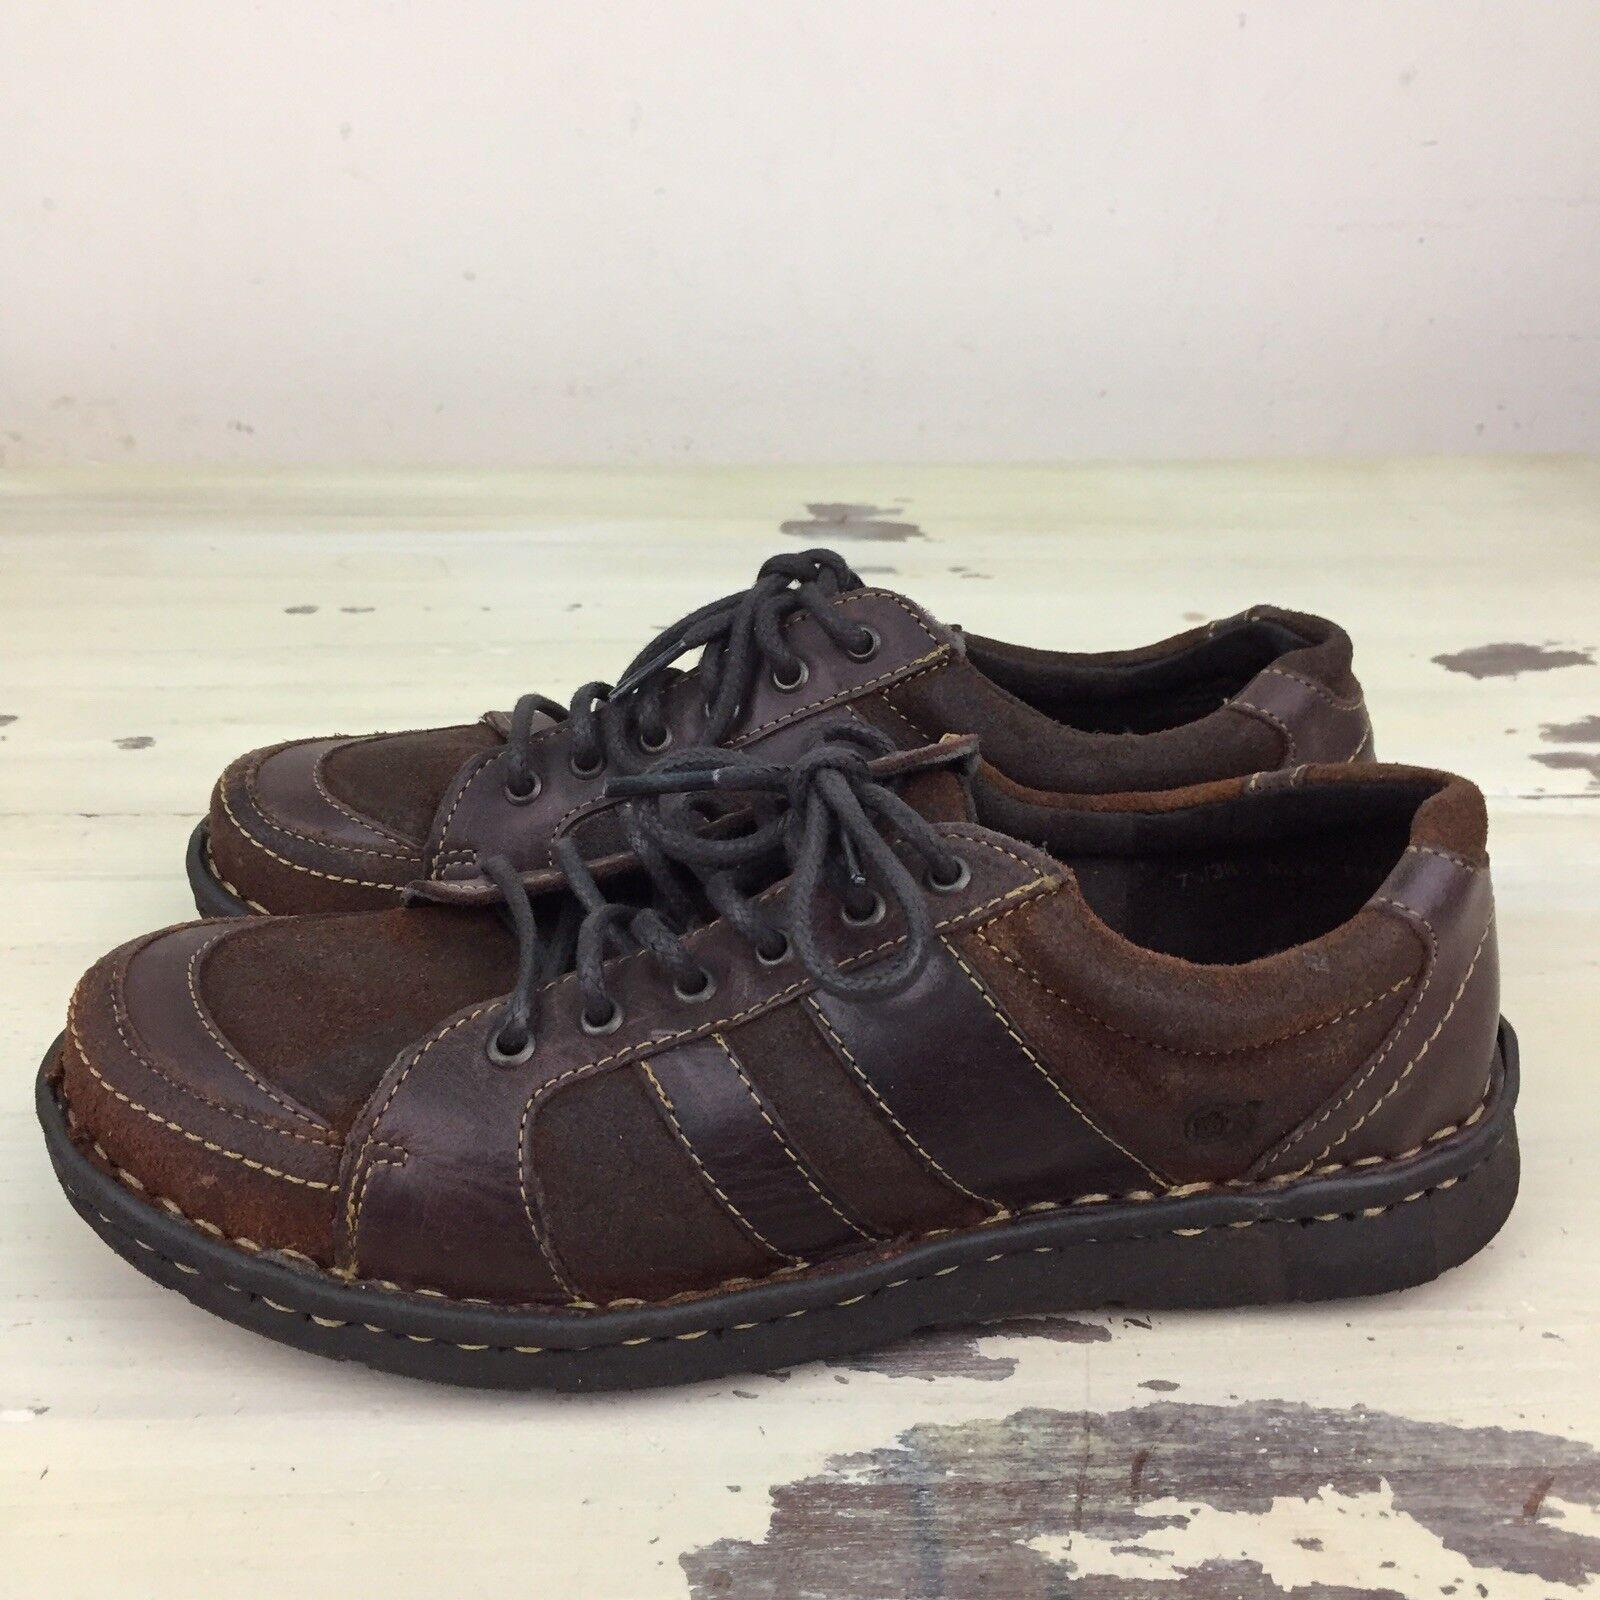 per il tuo stile di gioco ai prezzi più bassi BORN - NWOB Marrone Leather Leather Leather Casual scarpe da ginnastica scarpe, donna 7.5 - MUST SEE   solo per te